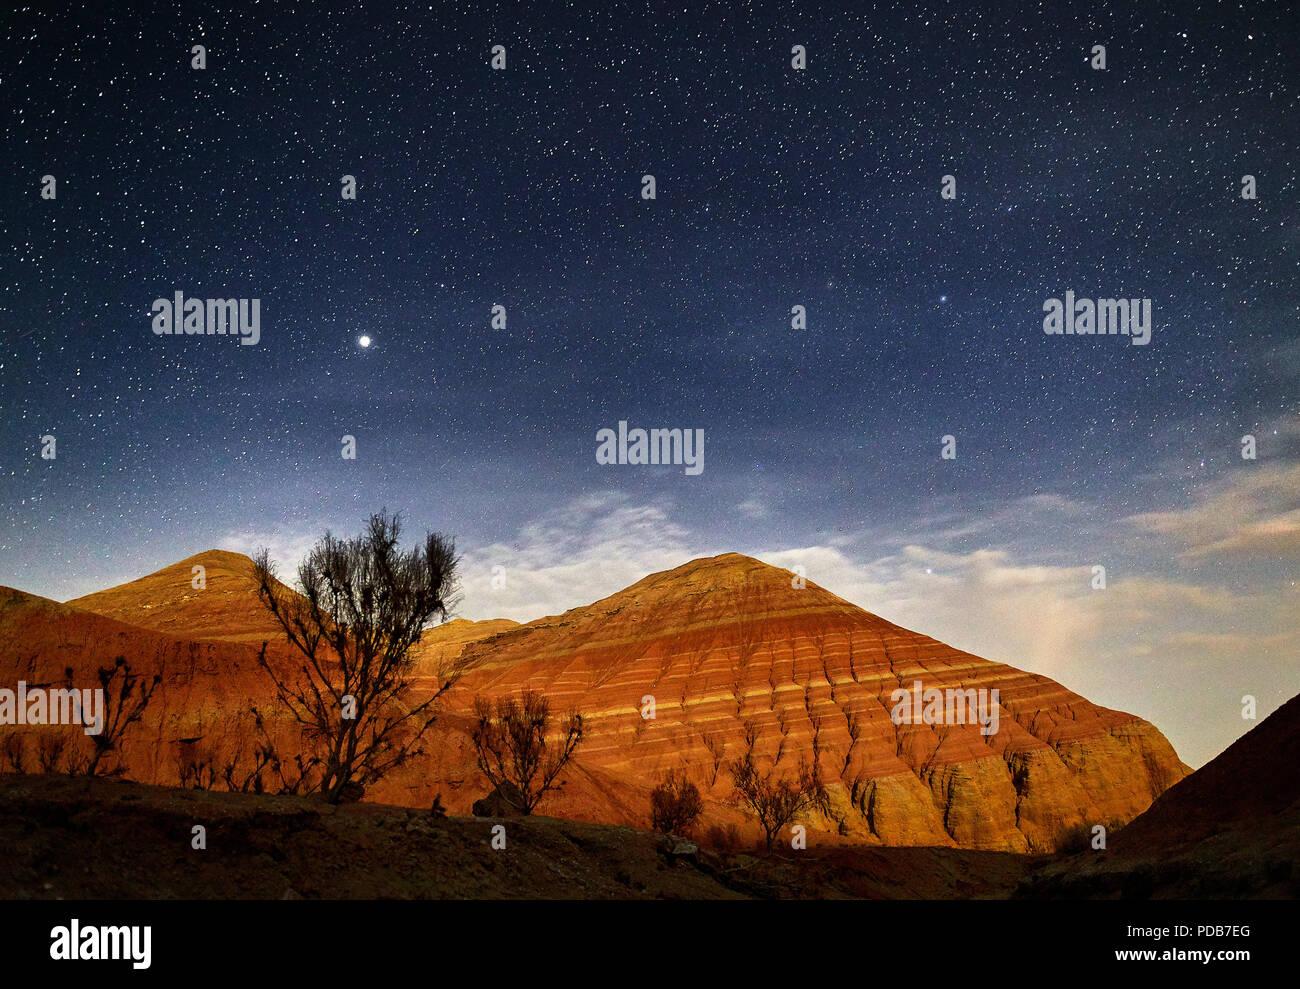 Rote Berge in der Schlucht Wüste bei Nacht Sternenhimmel Hintergrund. Astronomie Fotografie von Raum und Landschaft. Stockfoto